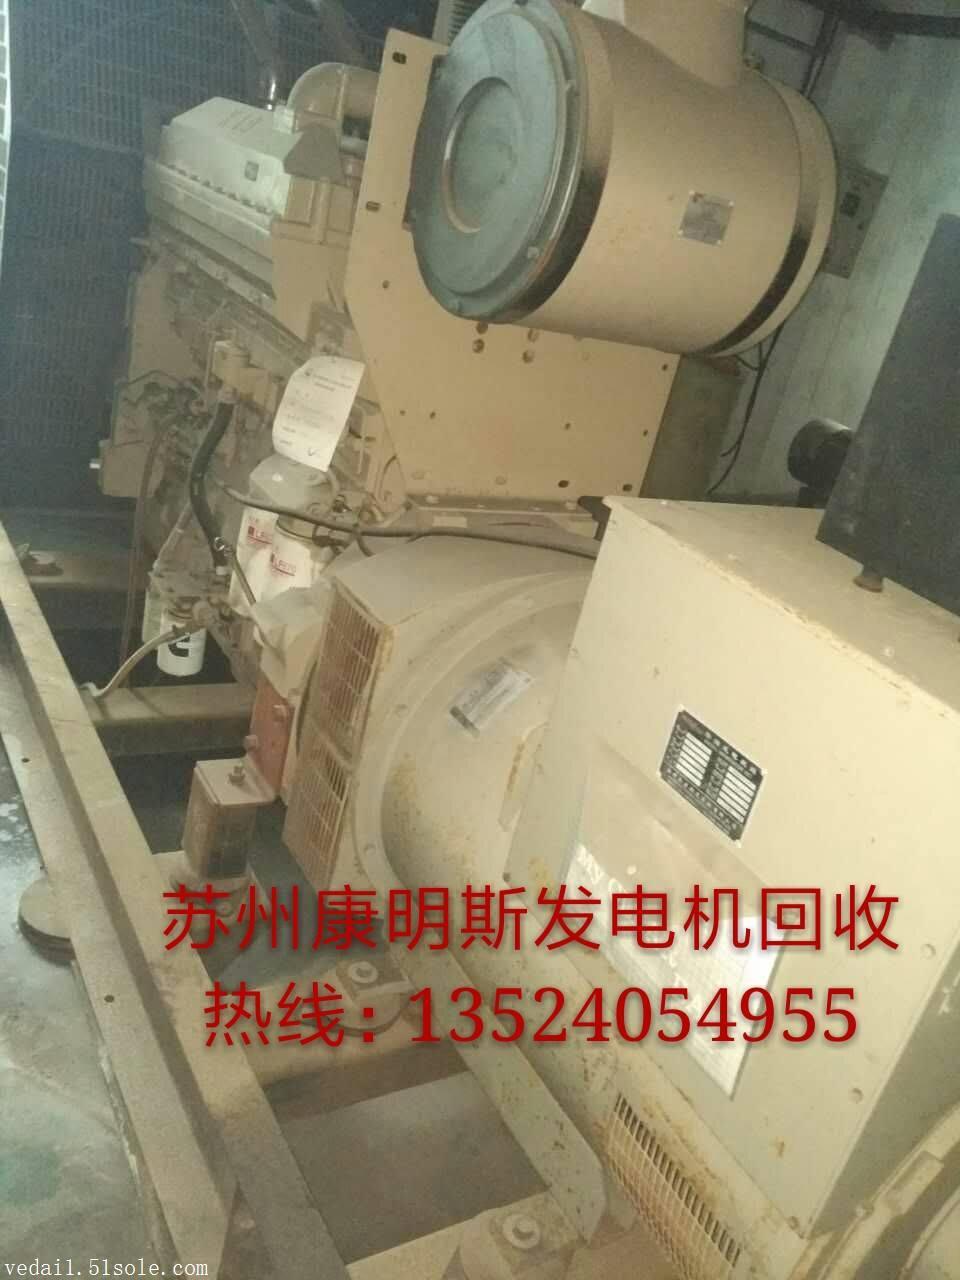 上海发电机组回收苏州发电机回收公司